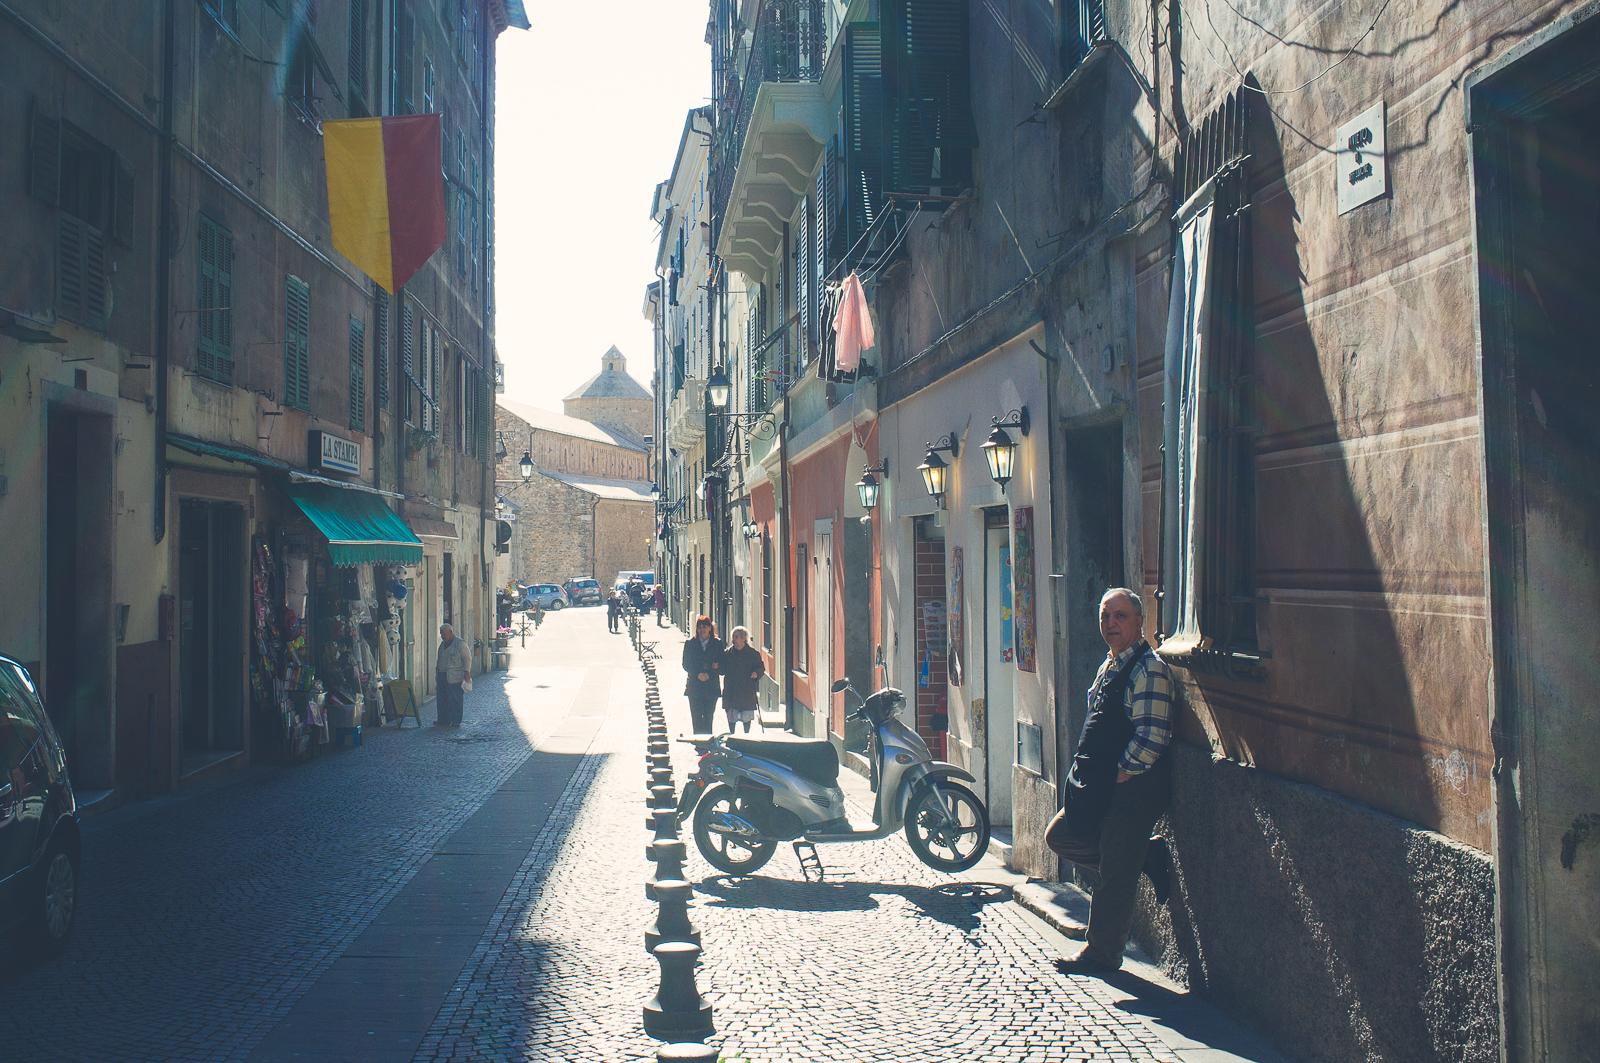 In Via Garibaldi, Ventimiglia - Italy